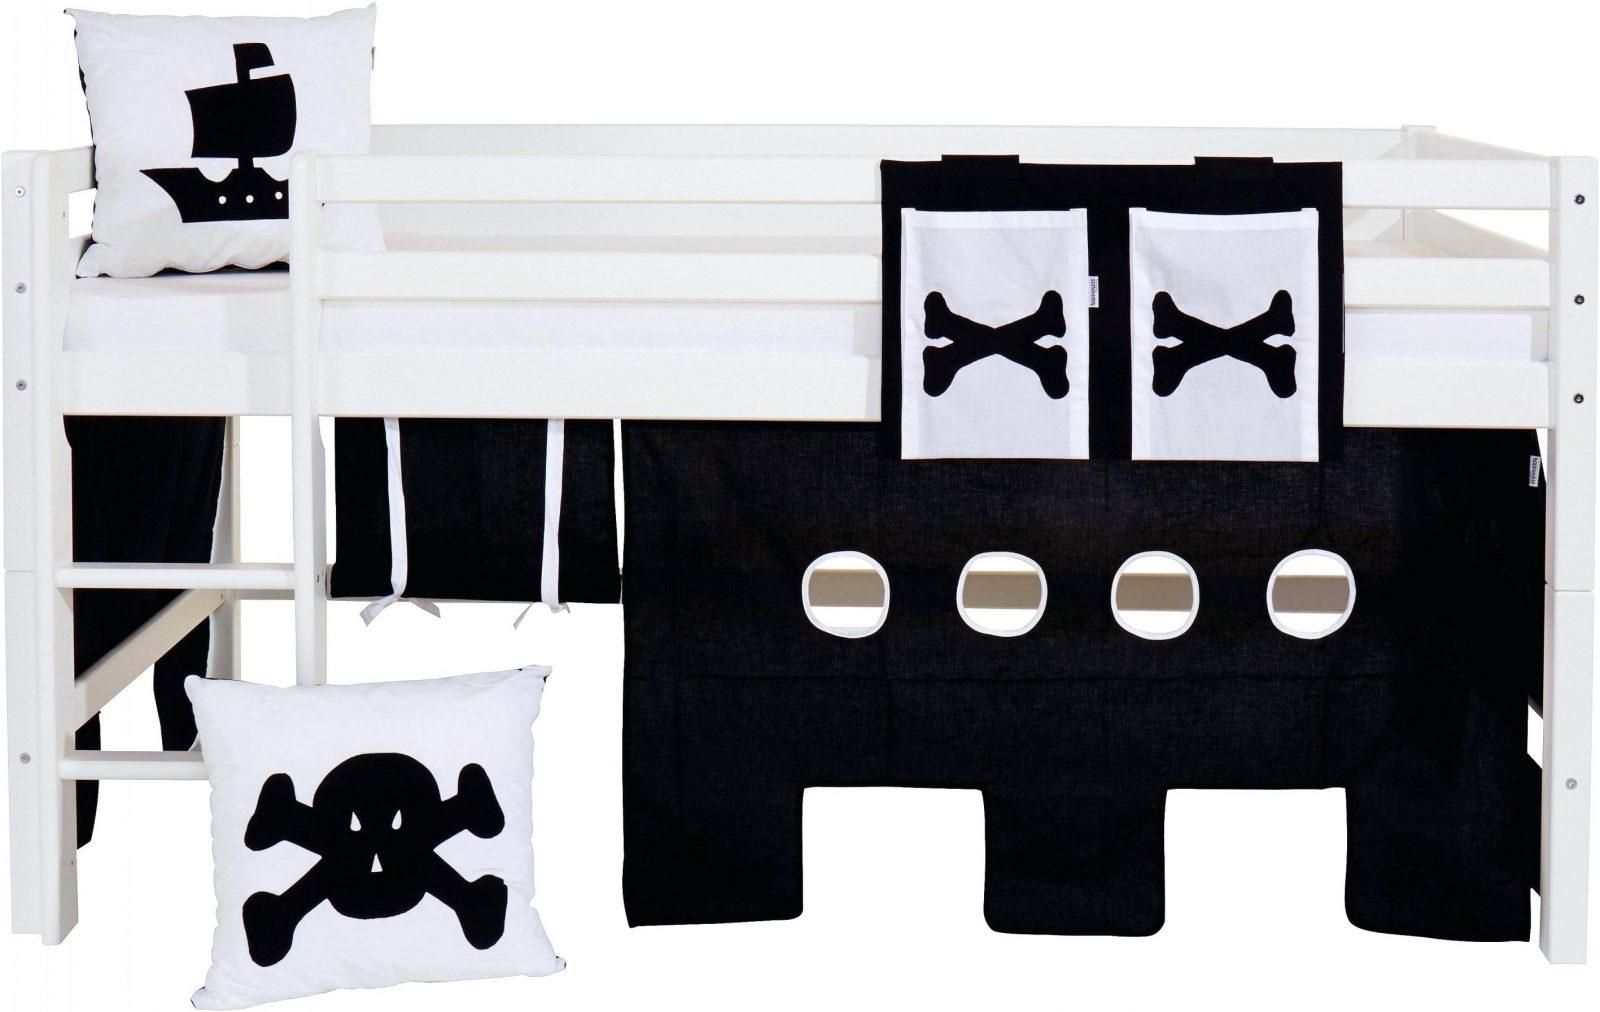 Hochbett Vorhang Pirat – Eastendwinesatx von Cars Hochbett Vorhang Set Bild